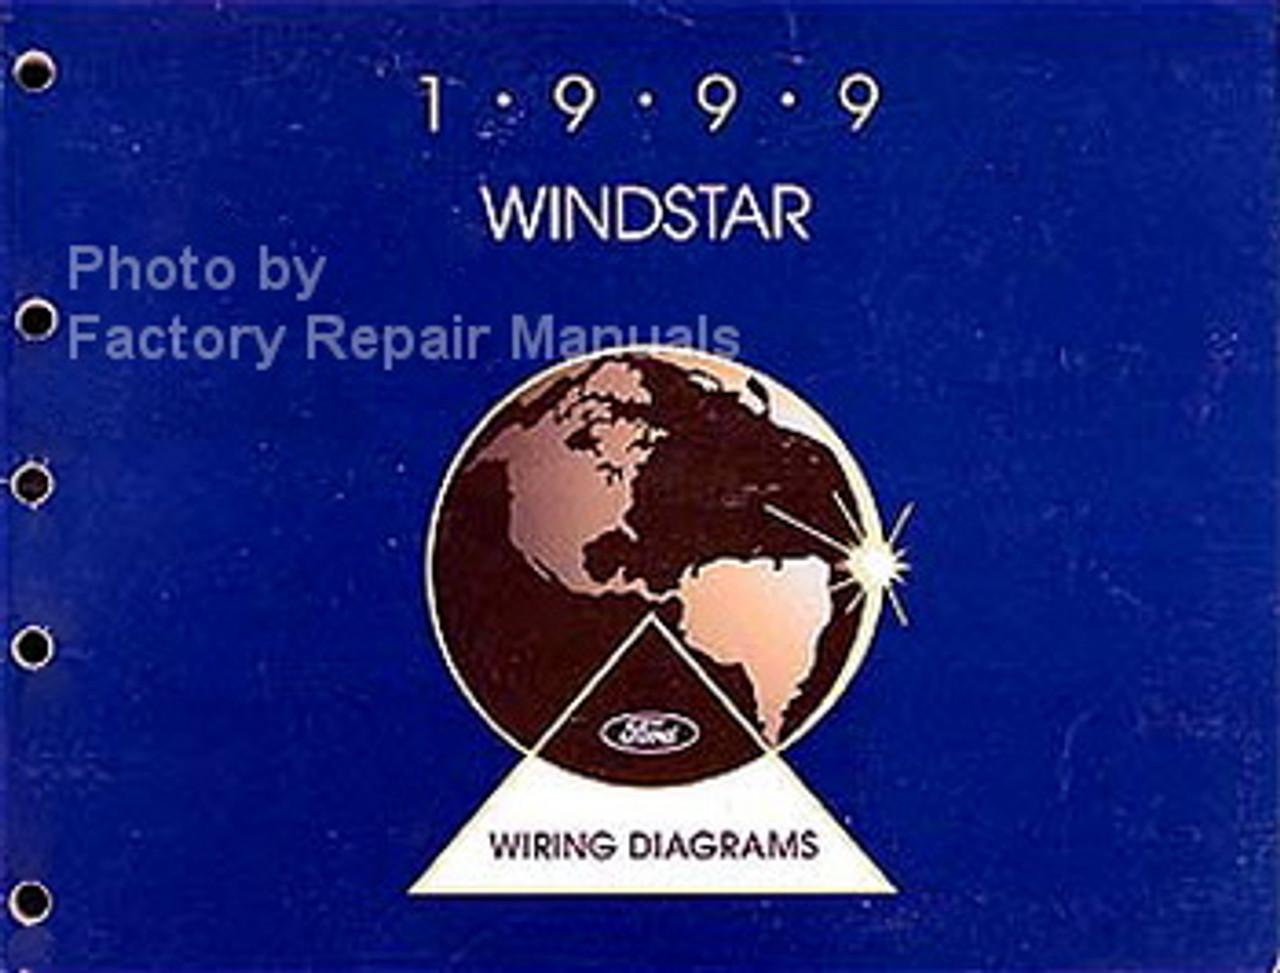 1999 Ford Windstar Electrical Wiring Diagrams Original Manual - Factory  Repair ManualsFactory Repair Manuals